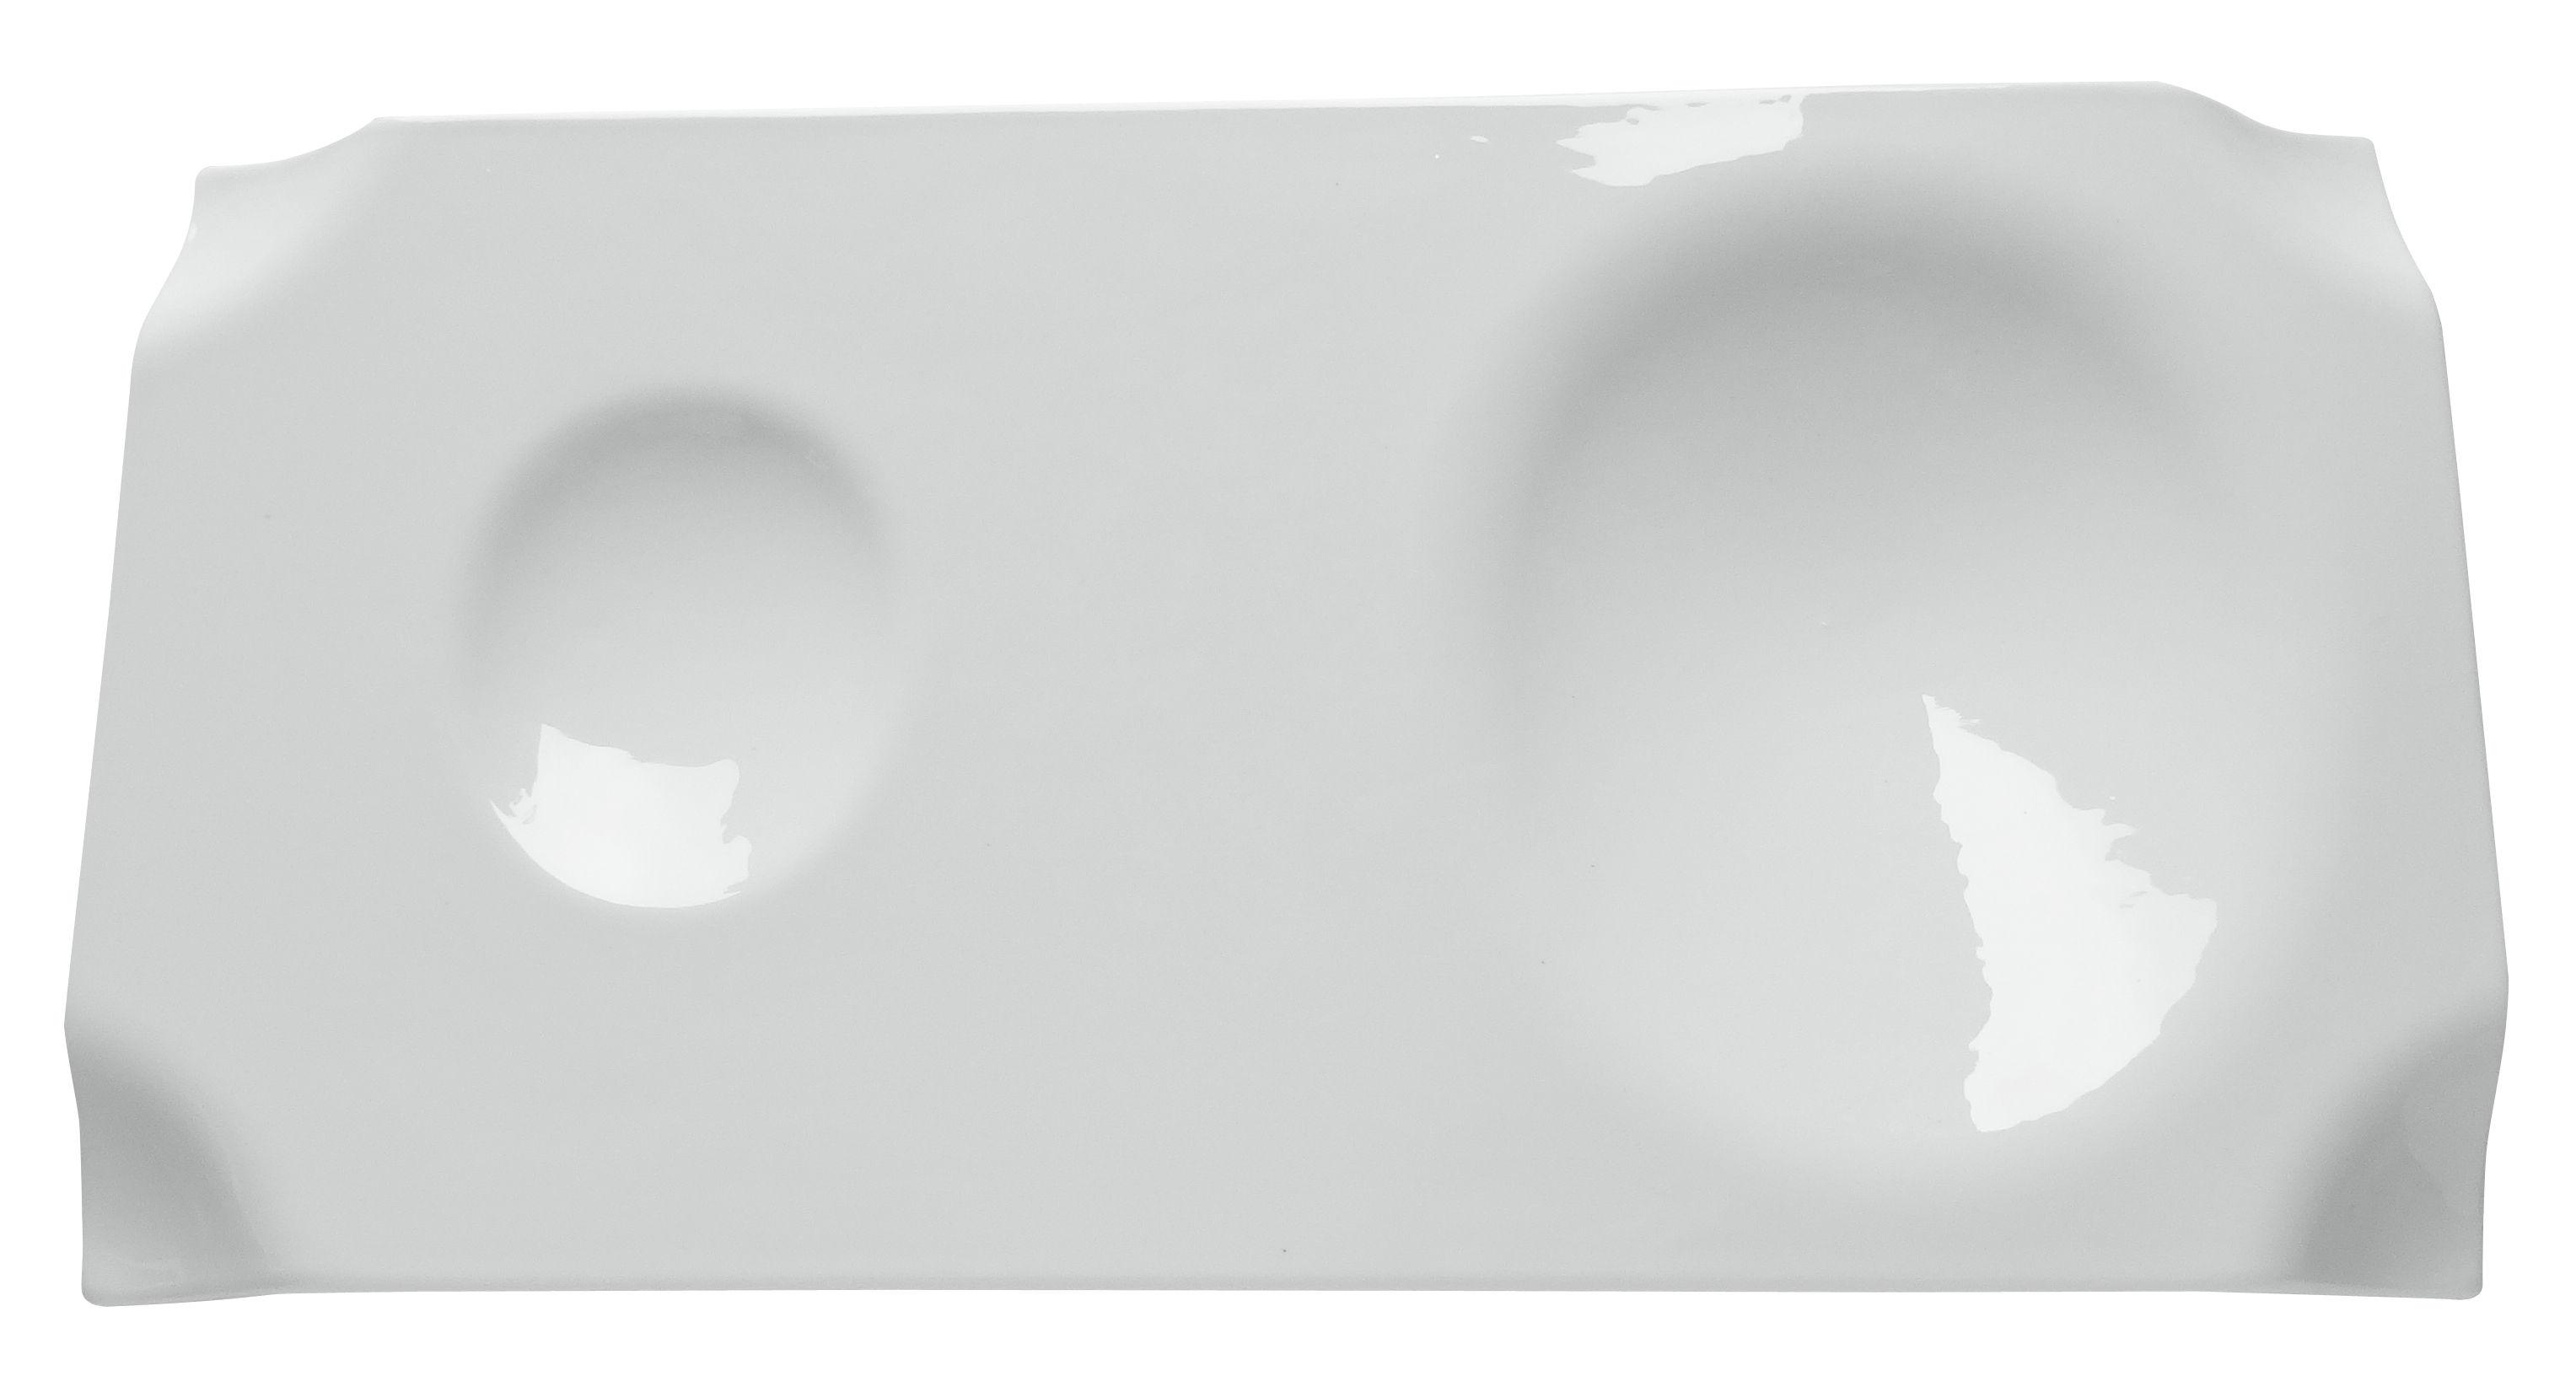 Arts de la table - Plateaux - Plateau Jo / Support 1 coupelle et 1 bol - 29 x 15 cm - cookplay - Blanc brillant - Porcelaine émaillée